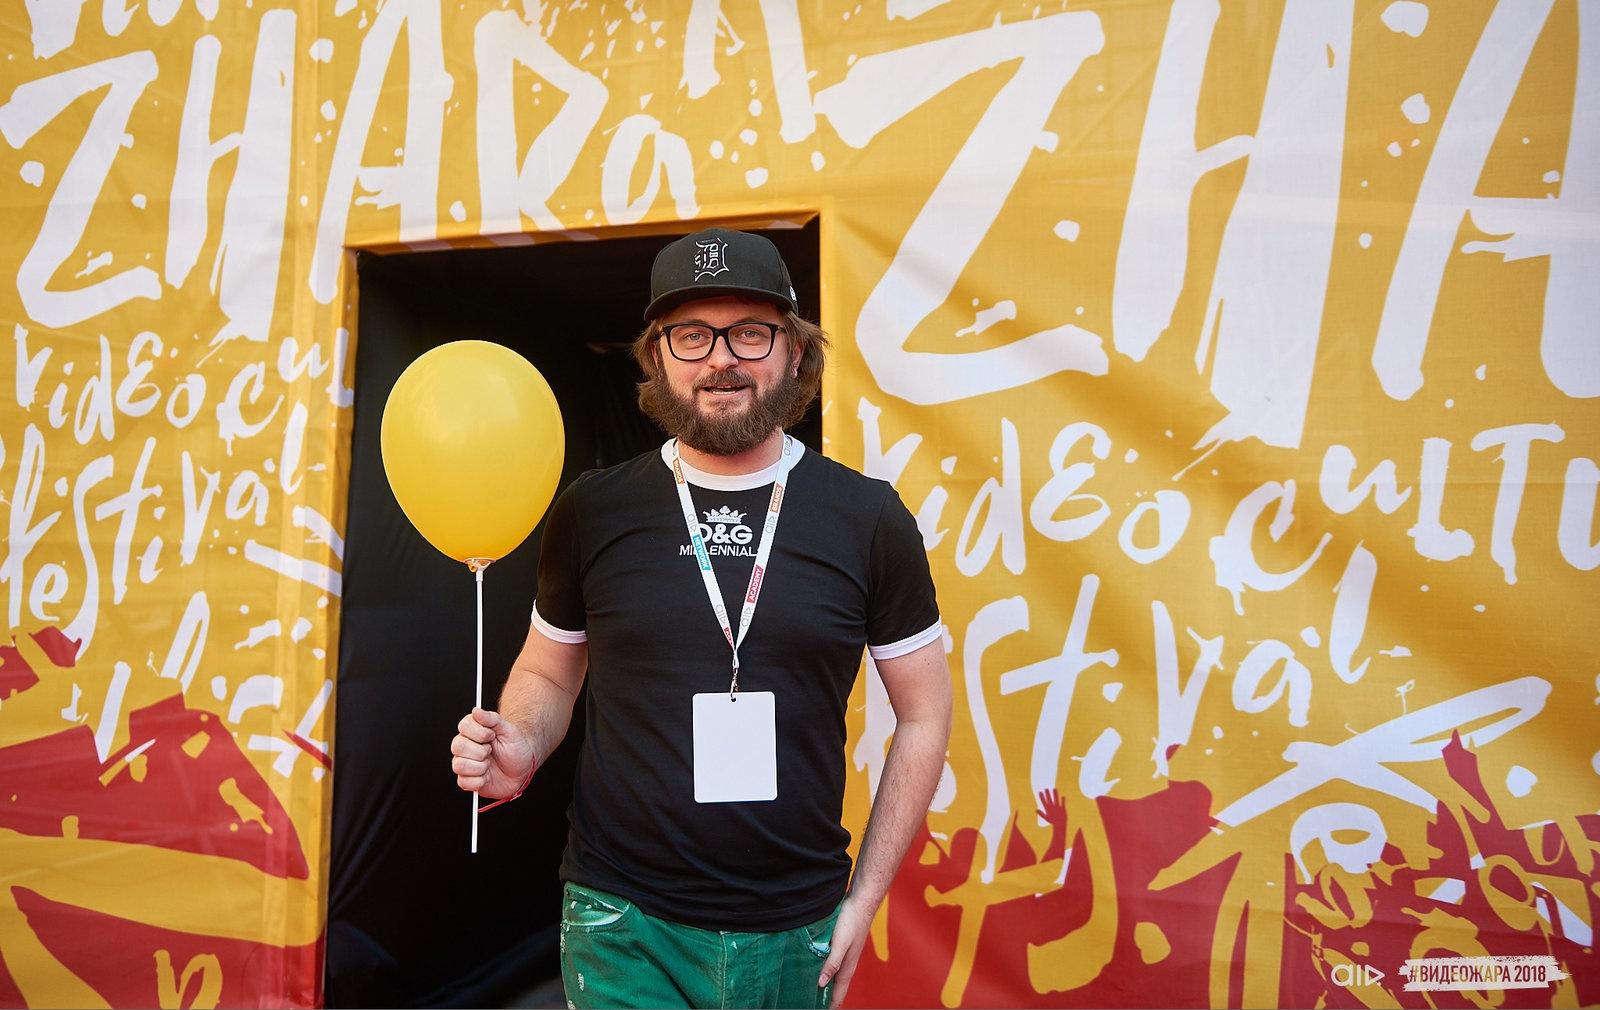 videozhara-2018-kak-proshel-masshtabnyy-festival-blogerov-v-kieve-4